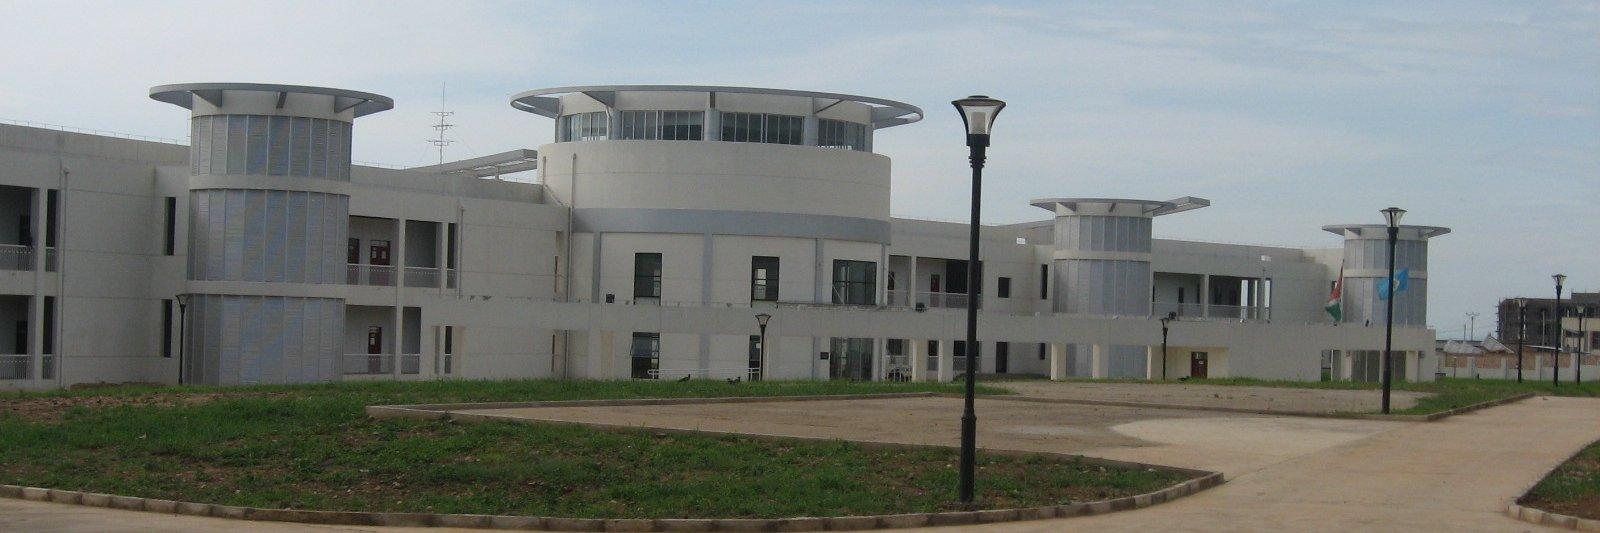 École Normale Supérieure de Bujumbura's official Twitter account